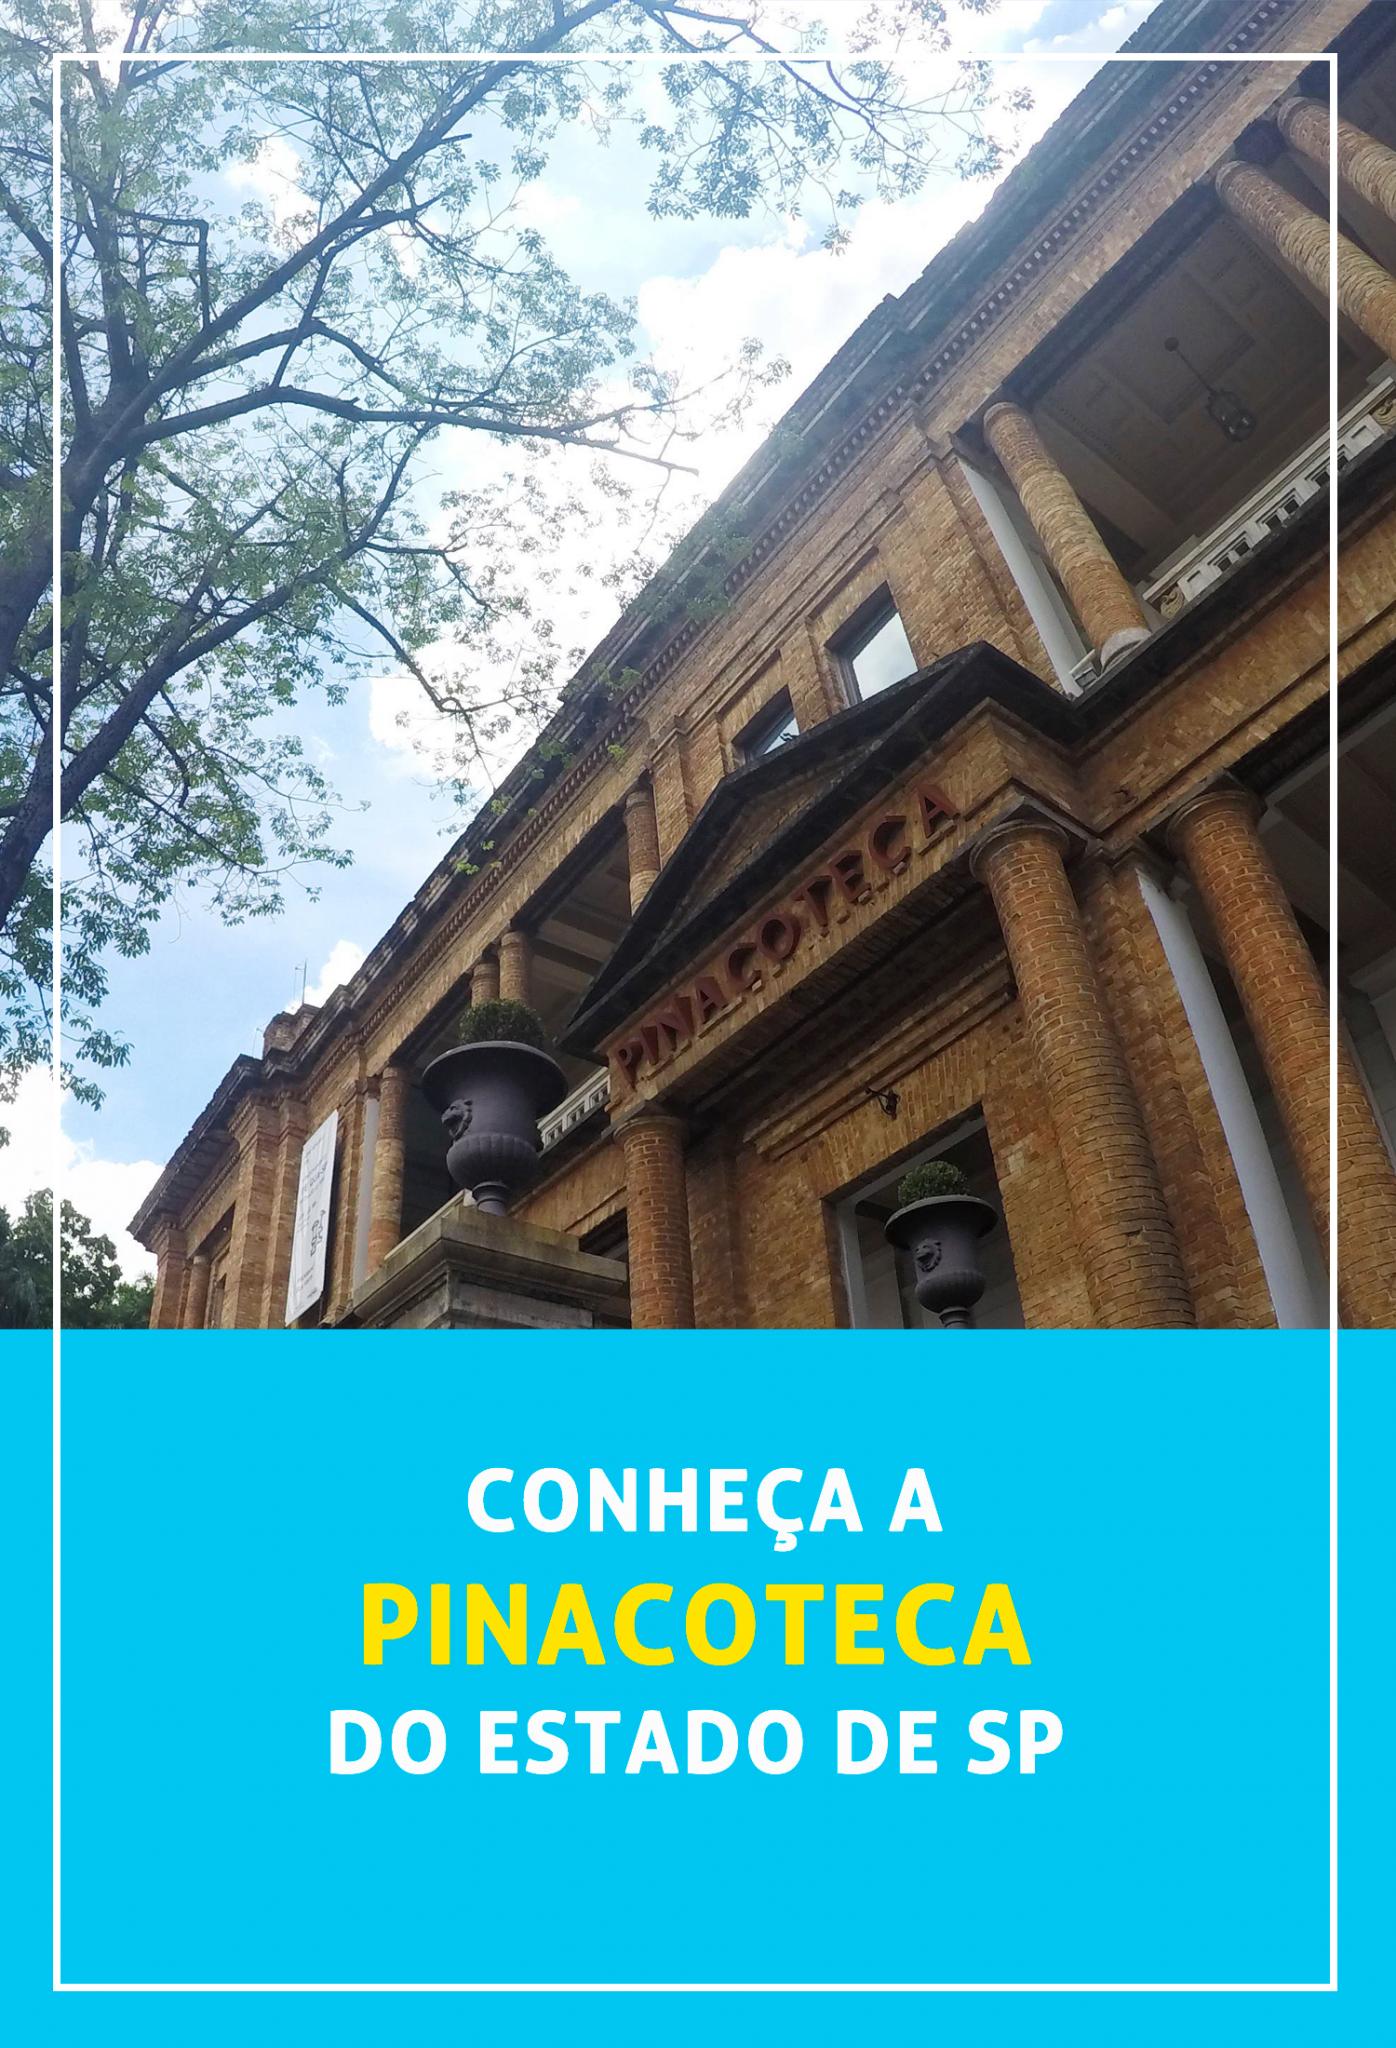 pinacoteca-de-sao-paulo-museu-de-arte-em-sp-arte-brasileira